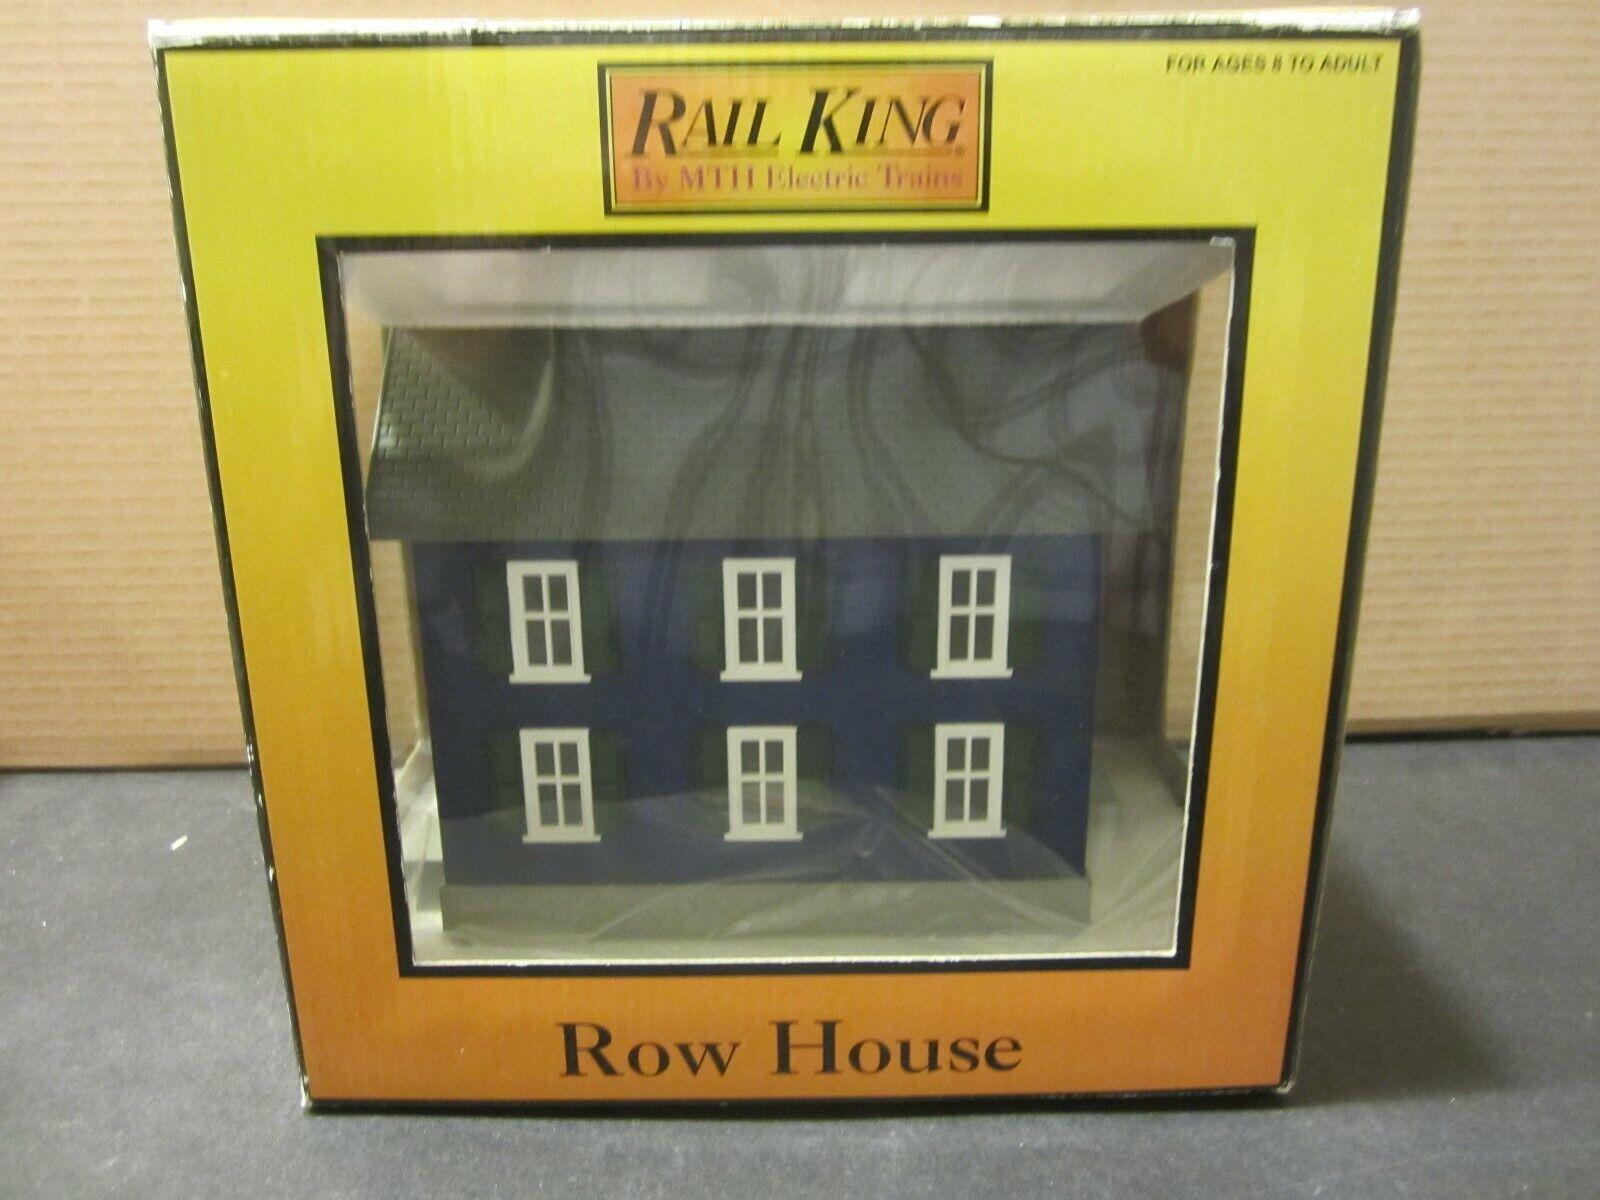 Rail King Row House 90248 Lighted